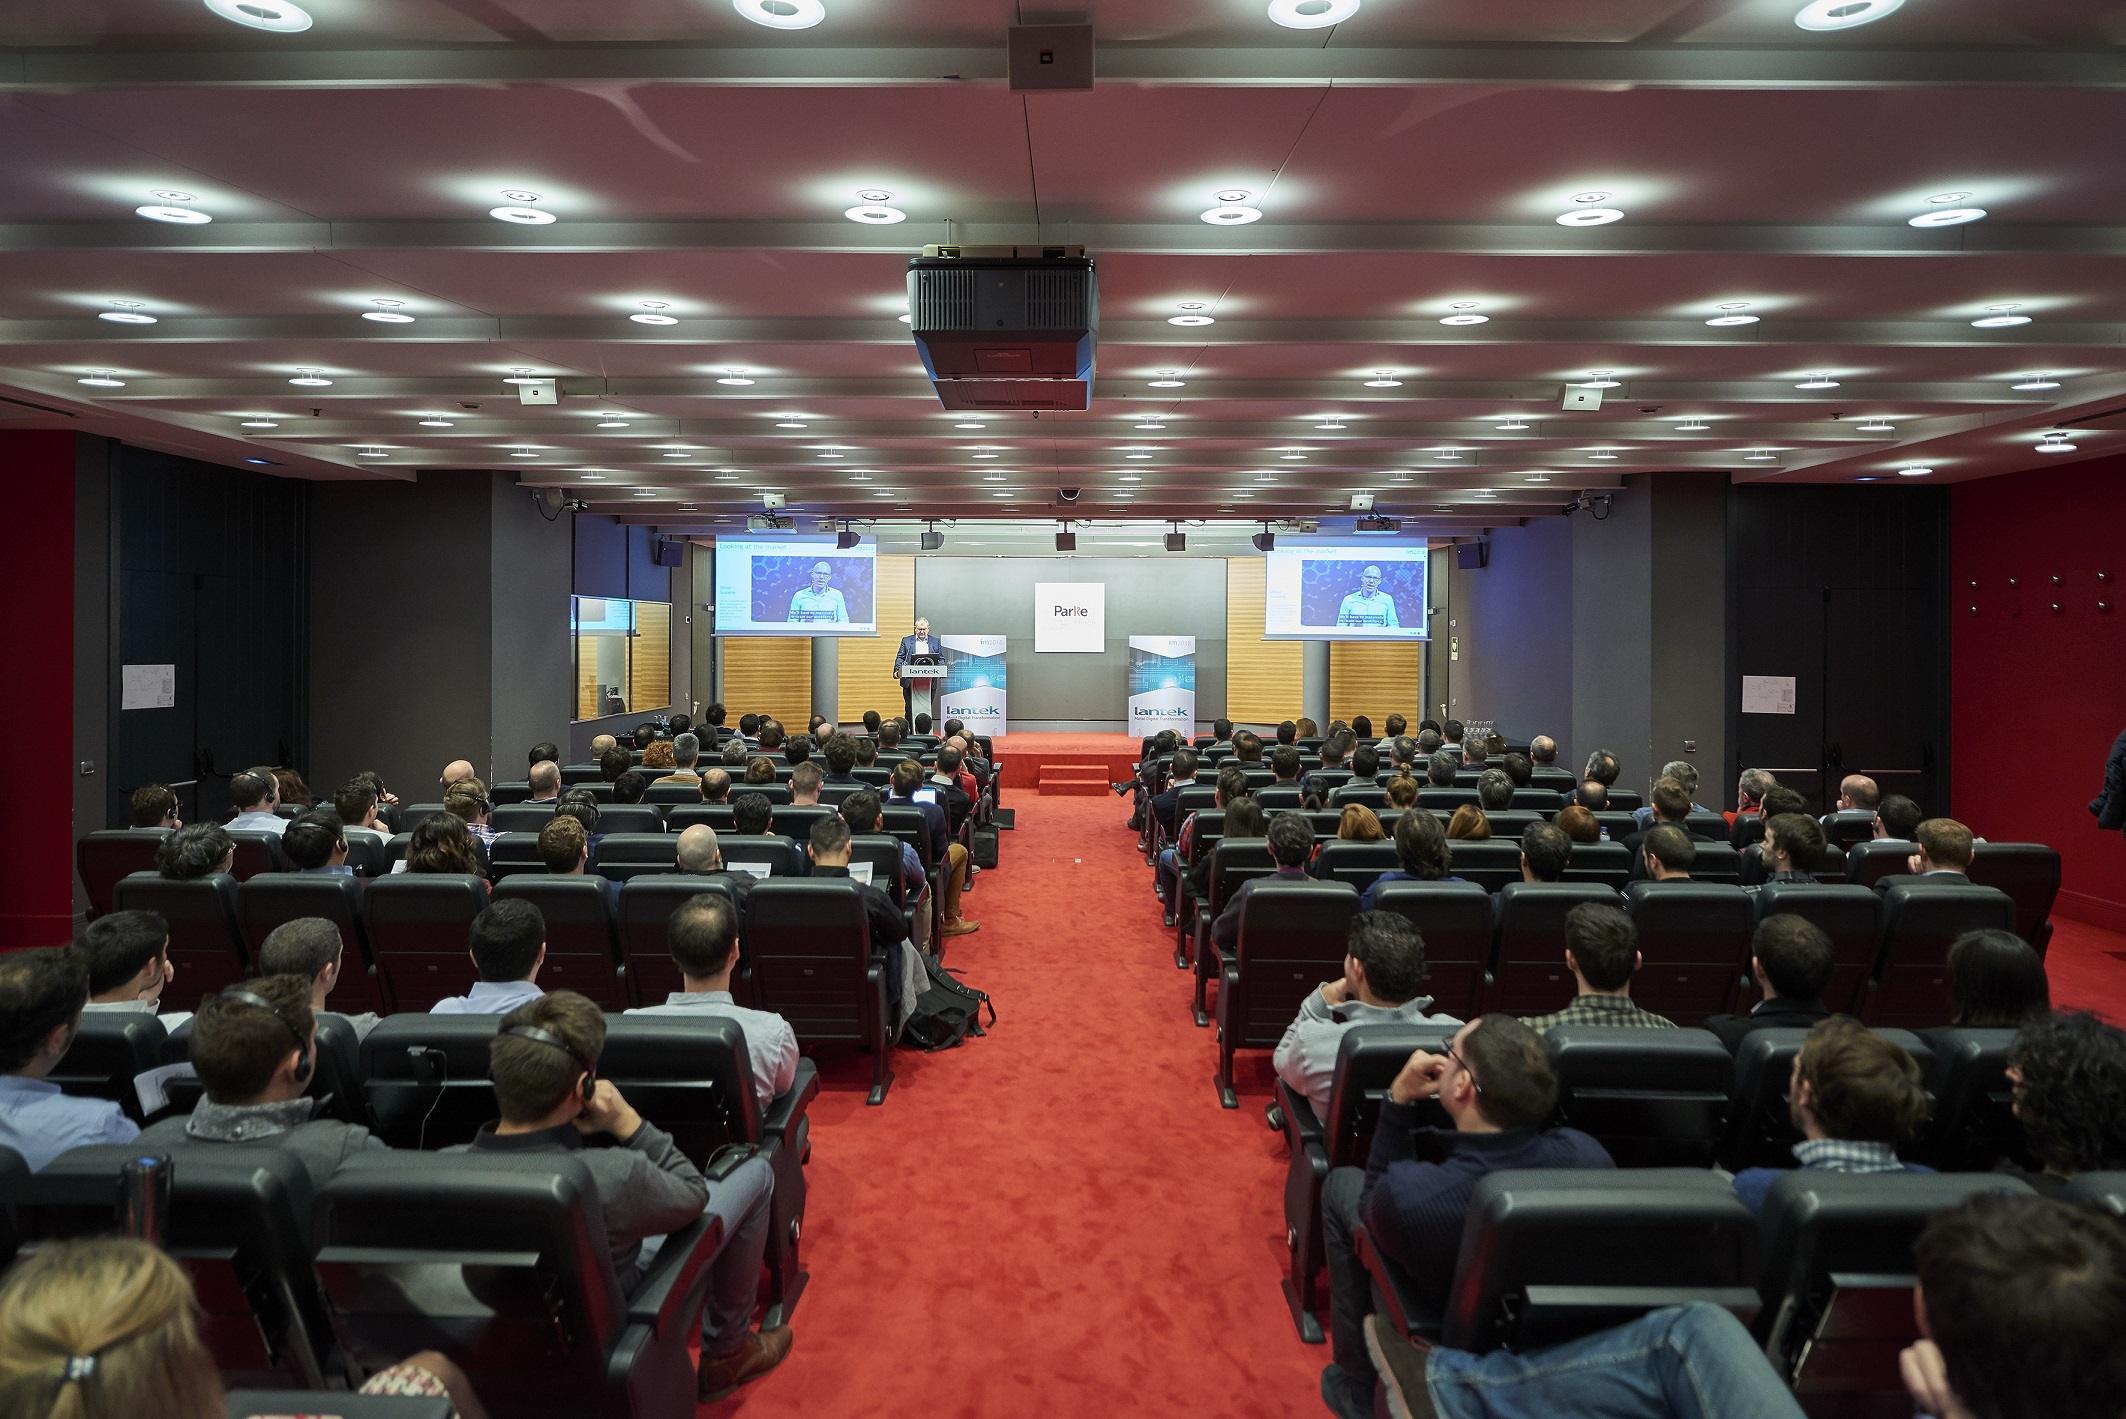 Lantek alcanza una cifra de negocio de 17,6 millones de euros, con un crecimiento del 11%